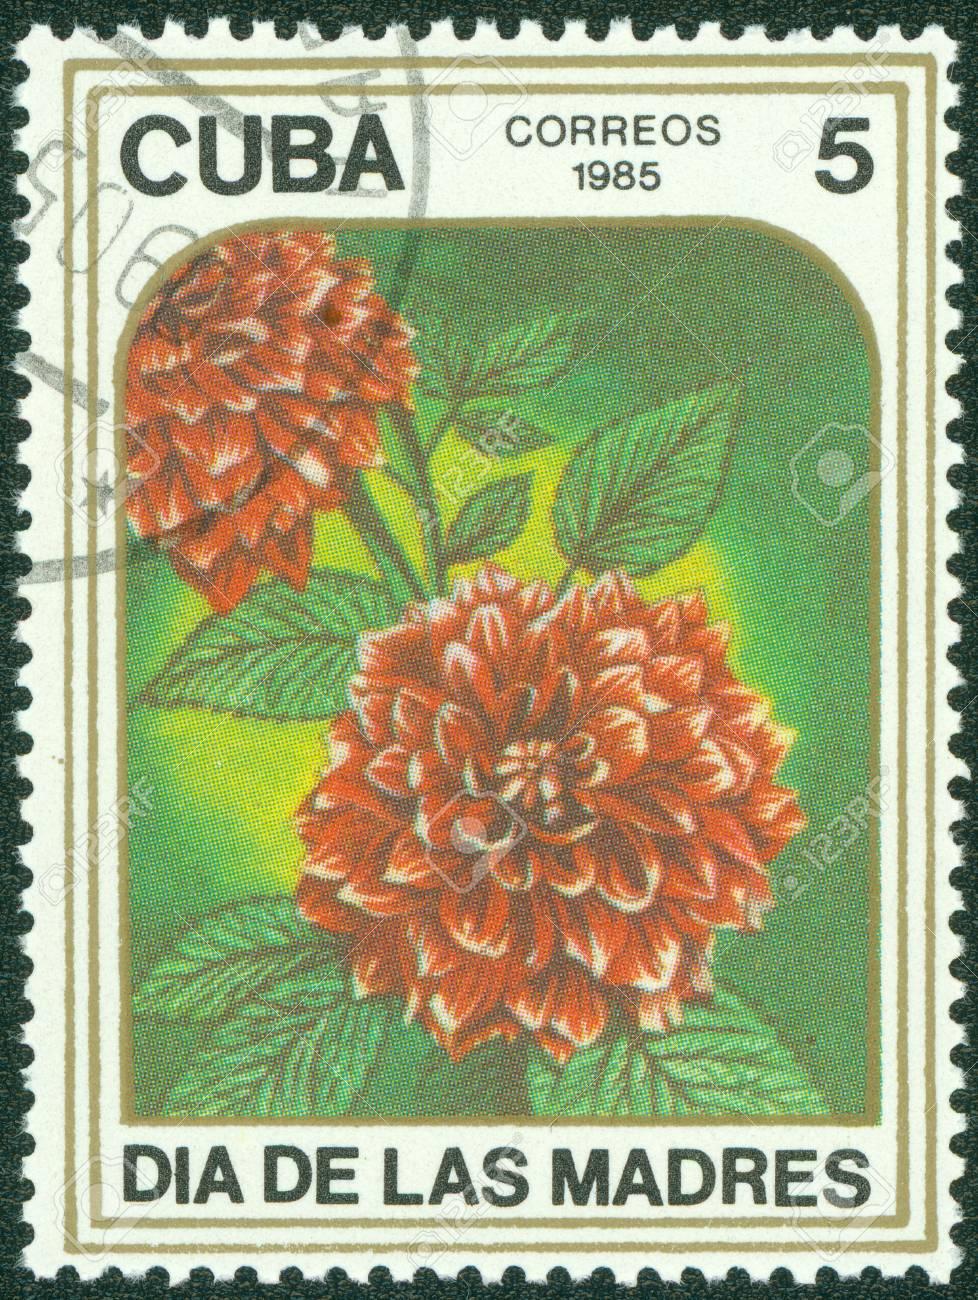 CUBA - CIRCA 1985  A stamp printed in CUBA shows two dahlias , circa 1985 Stock Photo - 15670645